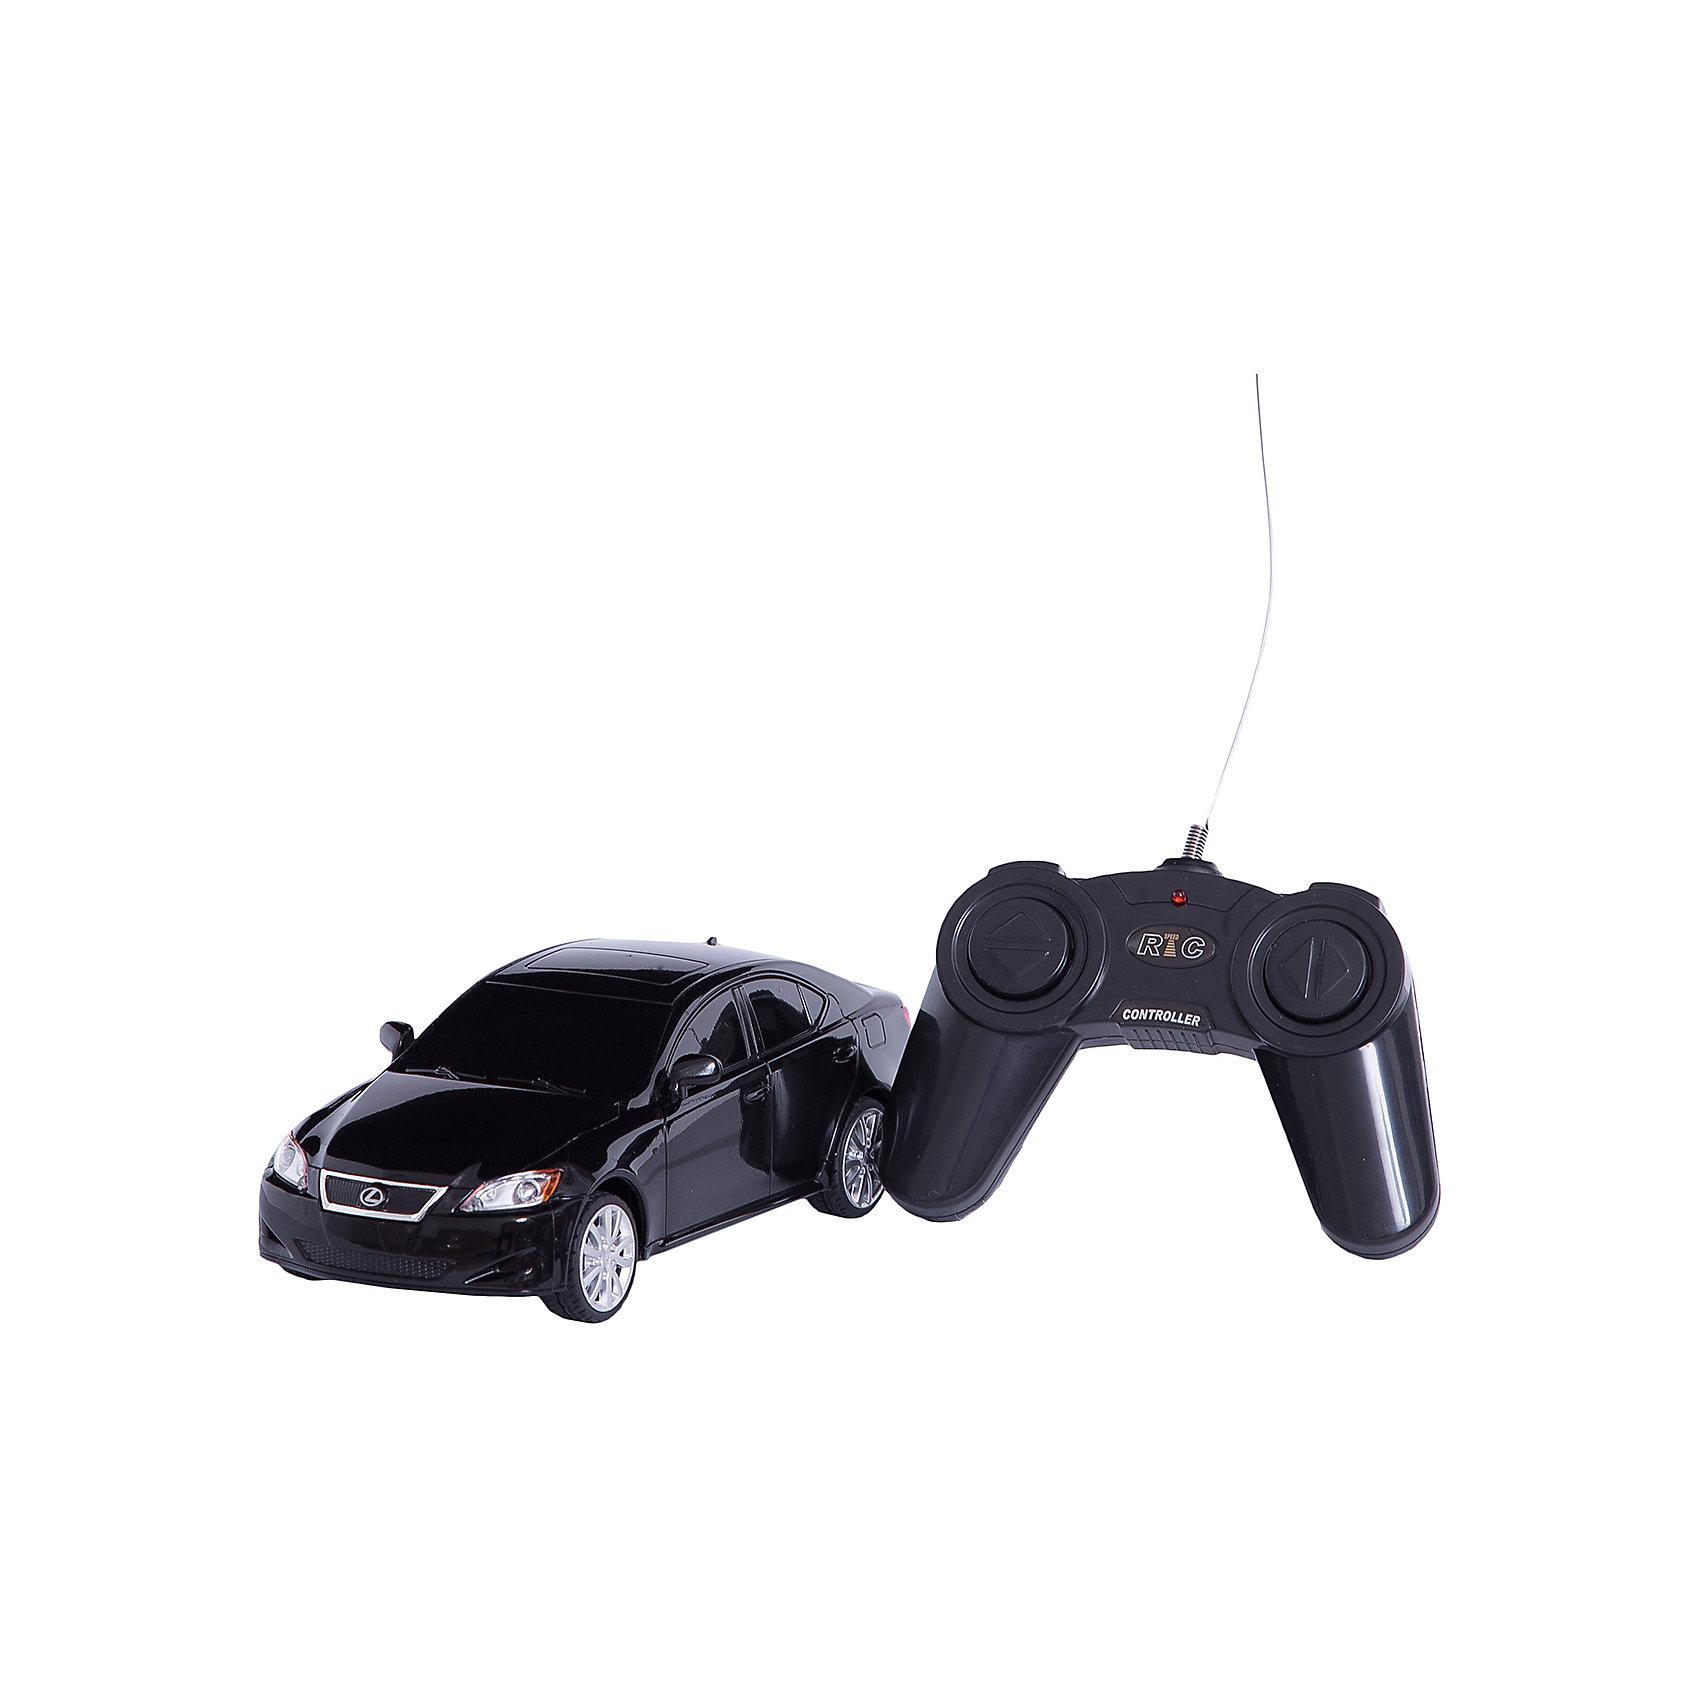 Машина LEXUS IS 350, 1:24, со светом, р/у, RASTAR, черныйКрасивый и стильный автомобиль представительского класса, выполненный в масштабе 1:18 приведет в восторг любого мальчишку! Машина прекрасно детализирована, очень похожа на настоящий автомобиль, развивает скорость до 7 км/ч. Модель имеет четыре направления движения: вперед, назад, вправо и влево, работающие  задние огни и стоп-сигналы.   Дополнительная информация:  - Материал: пластик, металл. - Размер: 19,2 х 8,3 х 6 см.  - Максимальная скорость 7 км/ч. - Время непрерывной работы: 45 мин. - Масштаб: 1:24. - Комплектация: машинка; пульт управления. - Звуковые и световые эффекты. - Элемент питания: 5 ААА батареек, 1 крона (в комплект не входят). - Дистанция управления: до 45 м. Машину LEXUS IS 350, 1:24, со светом, р/у, RASTAR можно купить в нашем магазине.<br><br>Ширина мм: 130<br>Глубина мм: 270<br>Высота мм: 110<br>Вес г: 450<br>Возраст от месяцев: 36<br>Возраст до месяцев: 144<br>Пол: Мужской<br>Возраст: Детский<br>SKU: 4838273